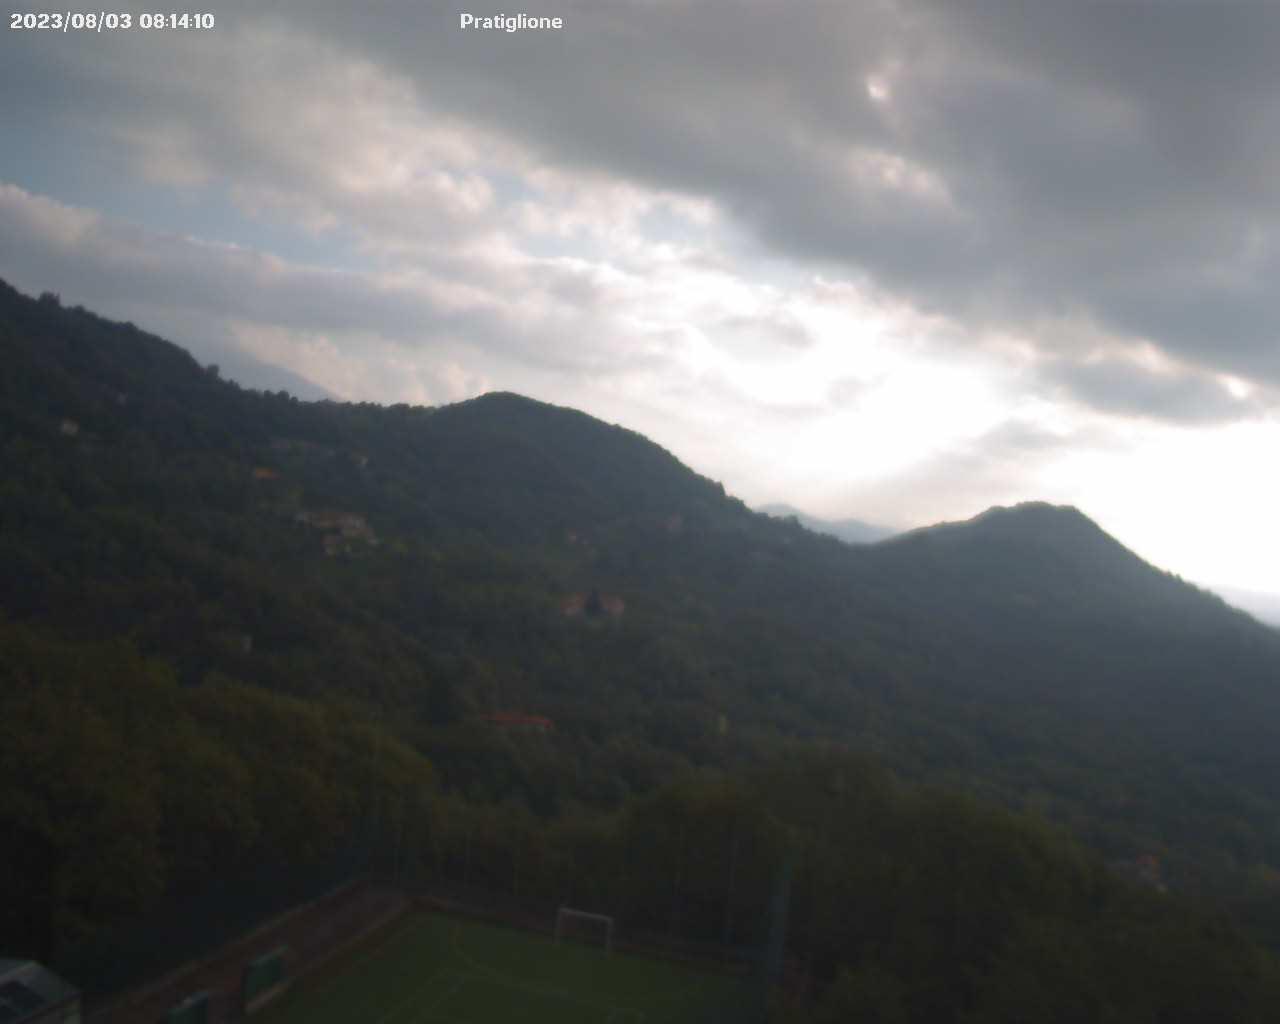 Comune di Pratiglione - webcam